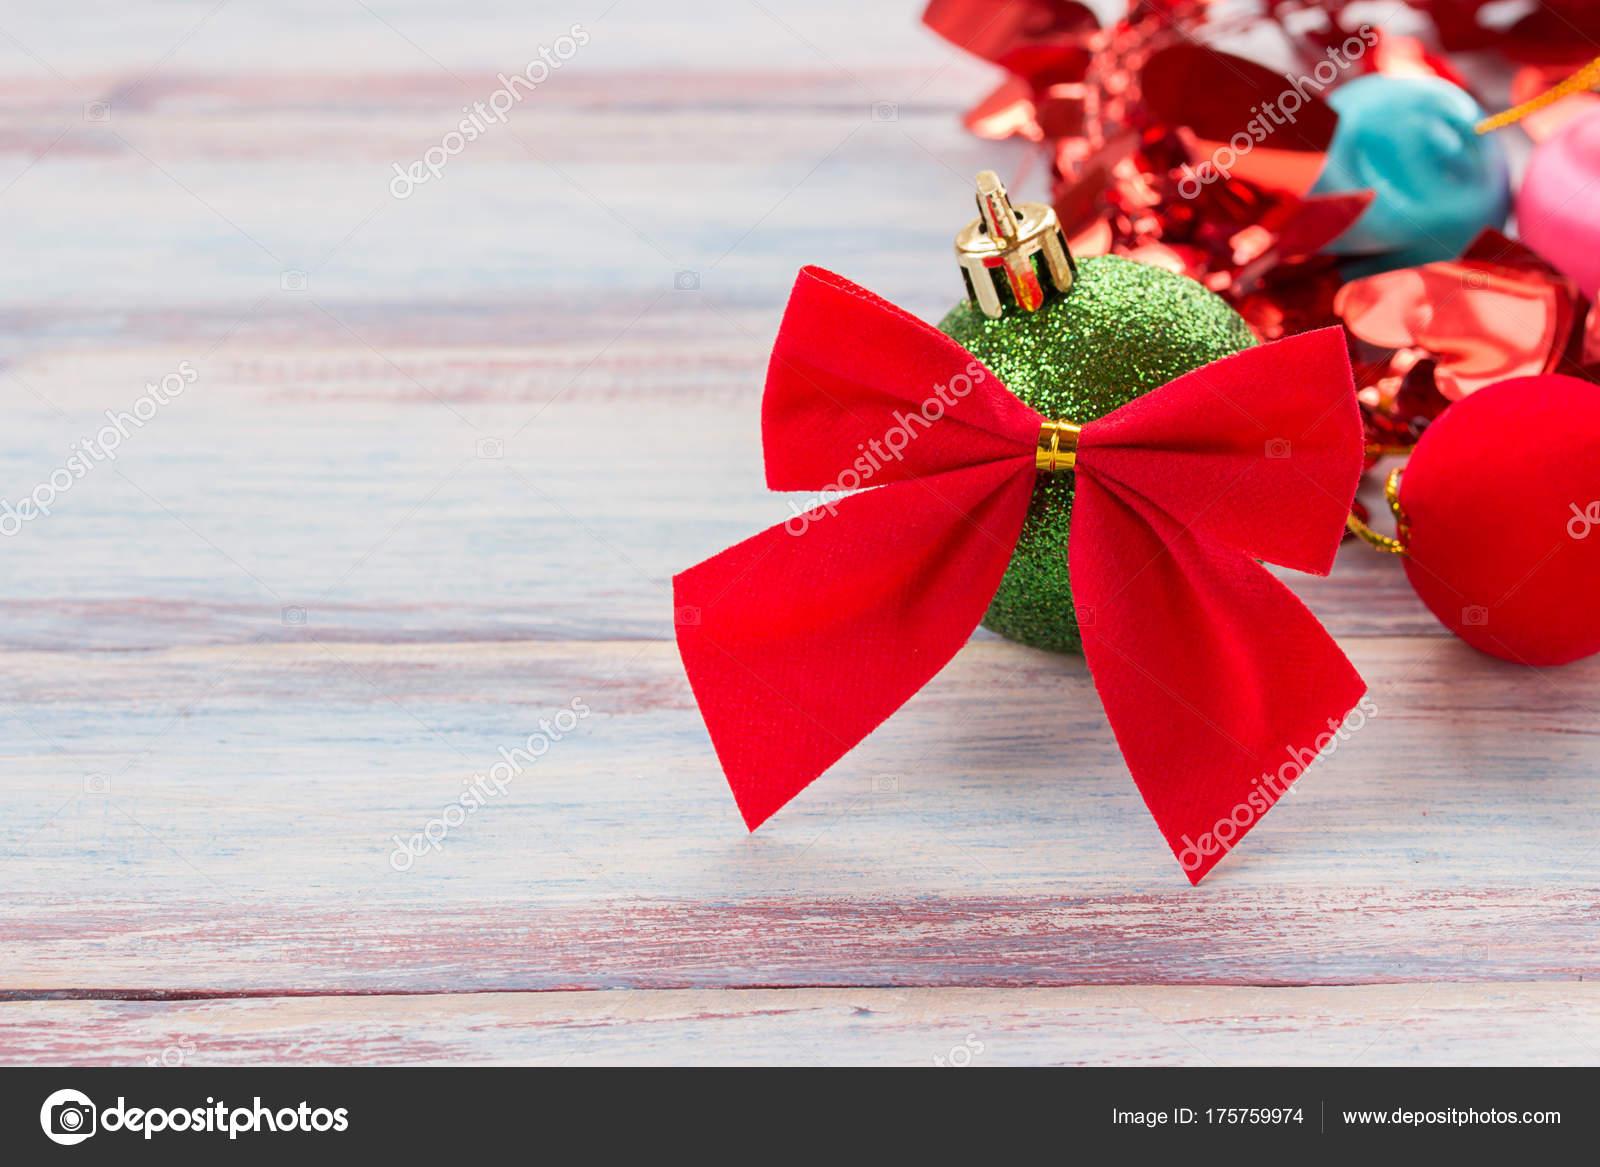 Kerstdecoraties Met Rood : Rood lint en kerstdecoratie op oude grunge houten tafel b